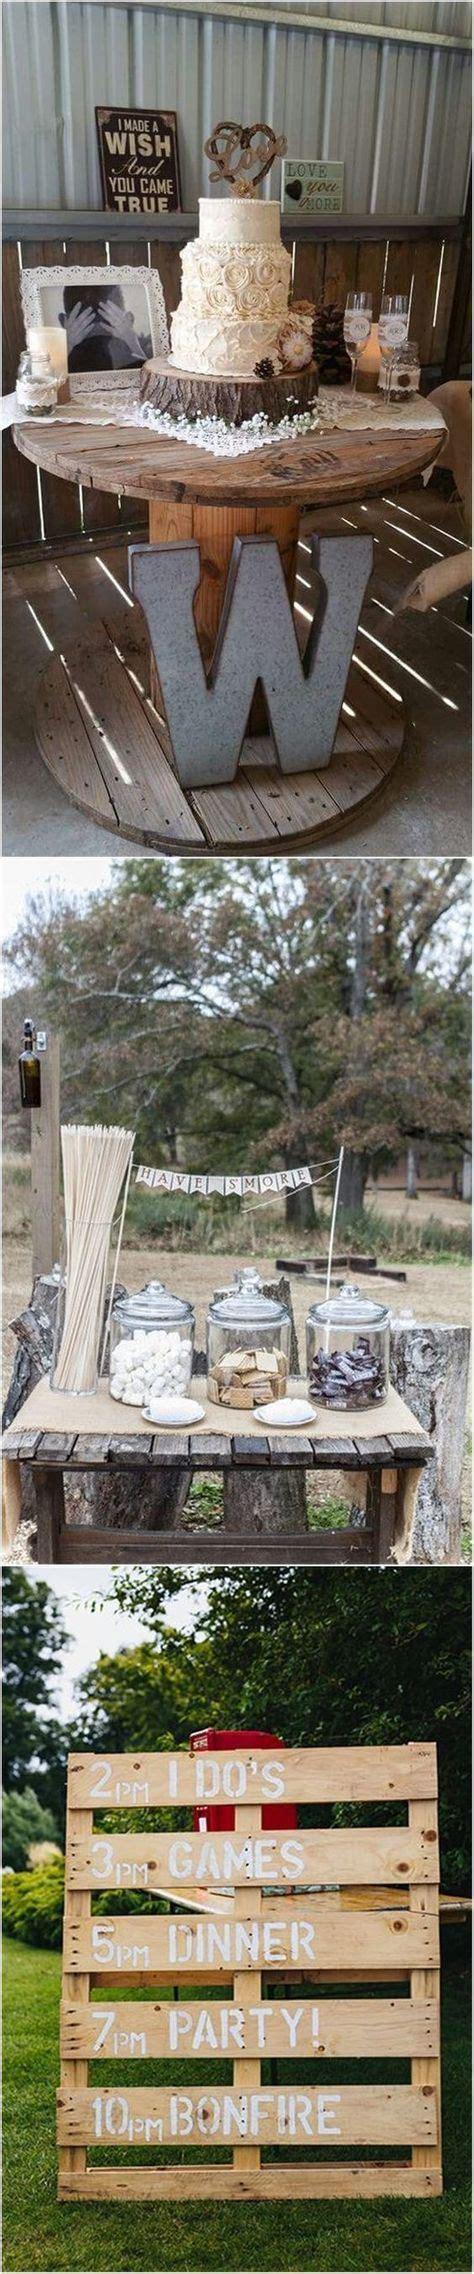 22 Rustic Backyard Wedding Decoration Ideas on A Budget   Backyard wedding decorations, Rustic